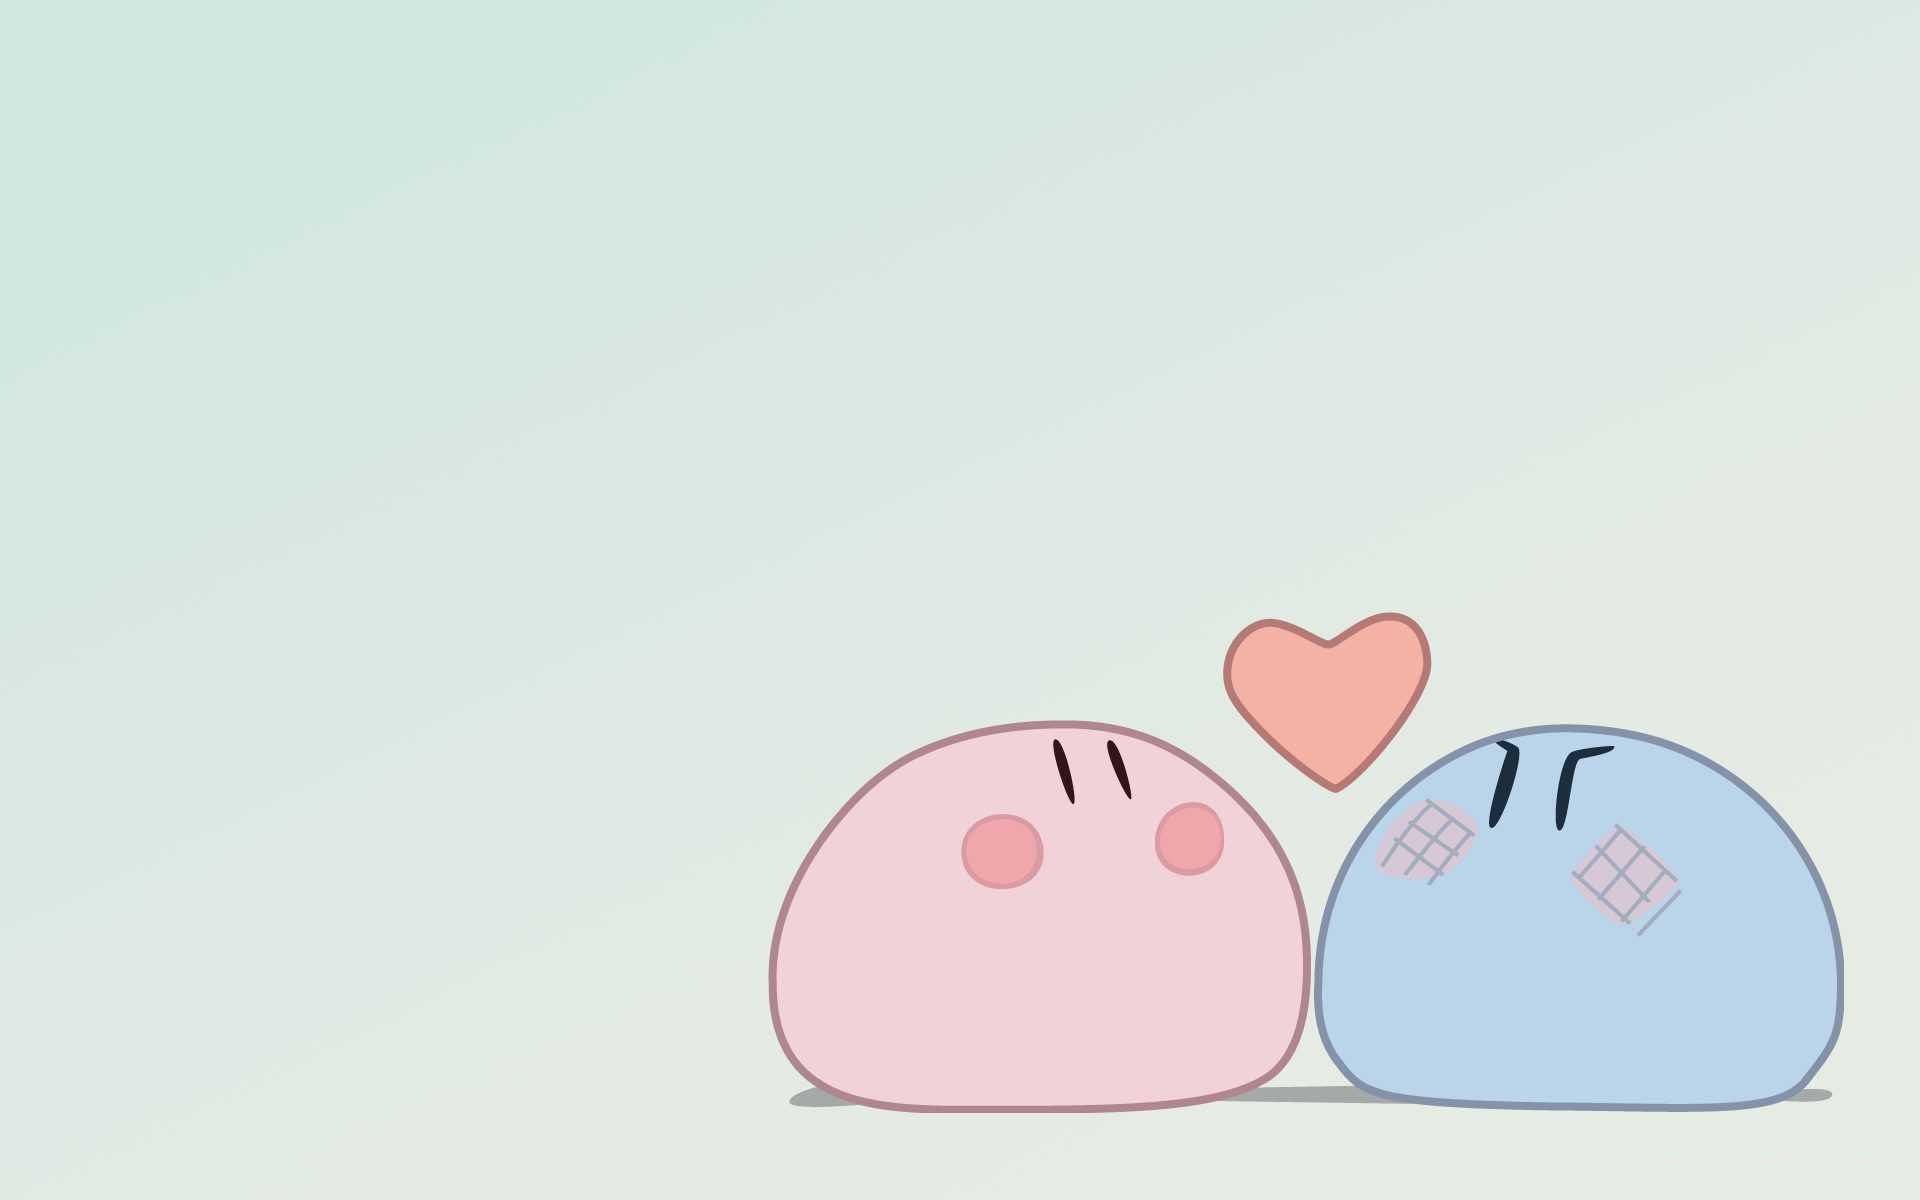 Hình nền pp tình yêu dễ thương